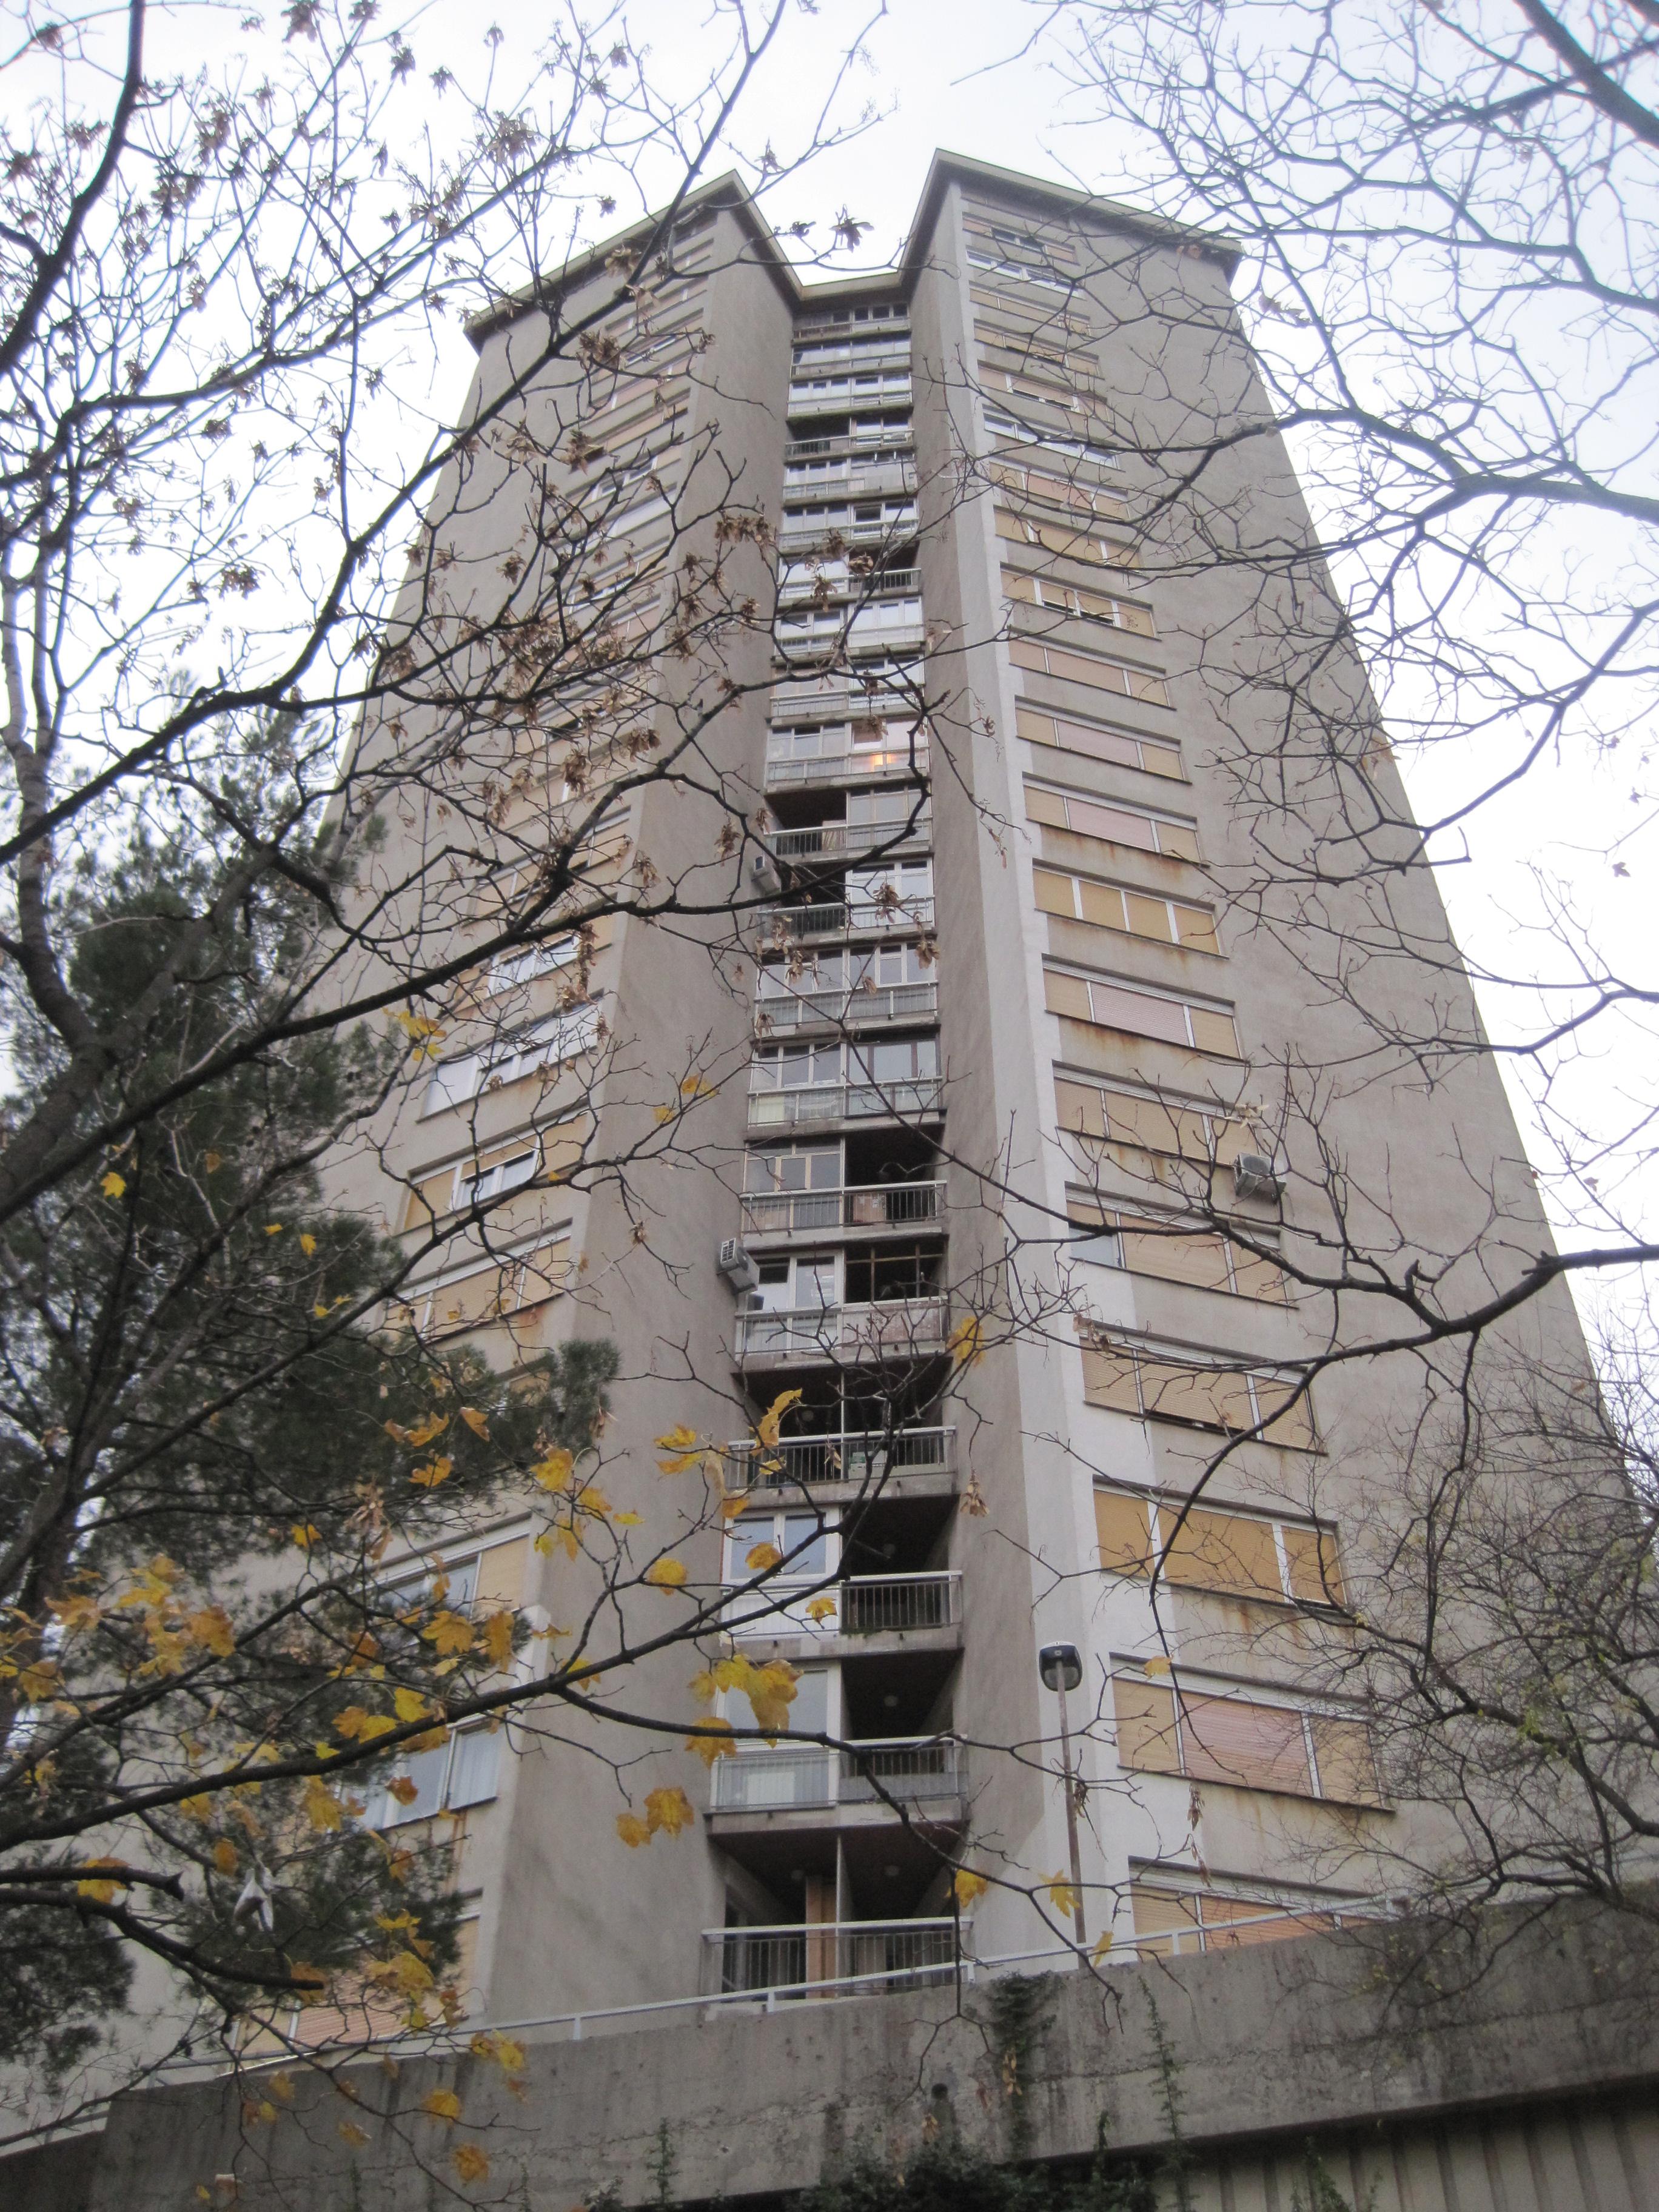 Postavljena je nova hidrostanica u neboder na adresi Ante Kovačića 20 u Rijeci (Kozala)